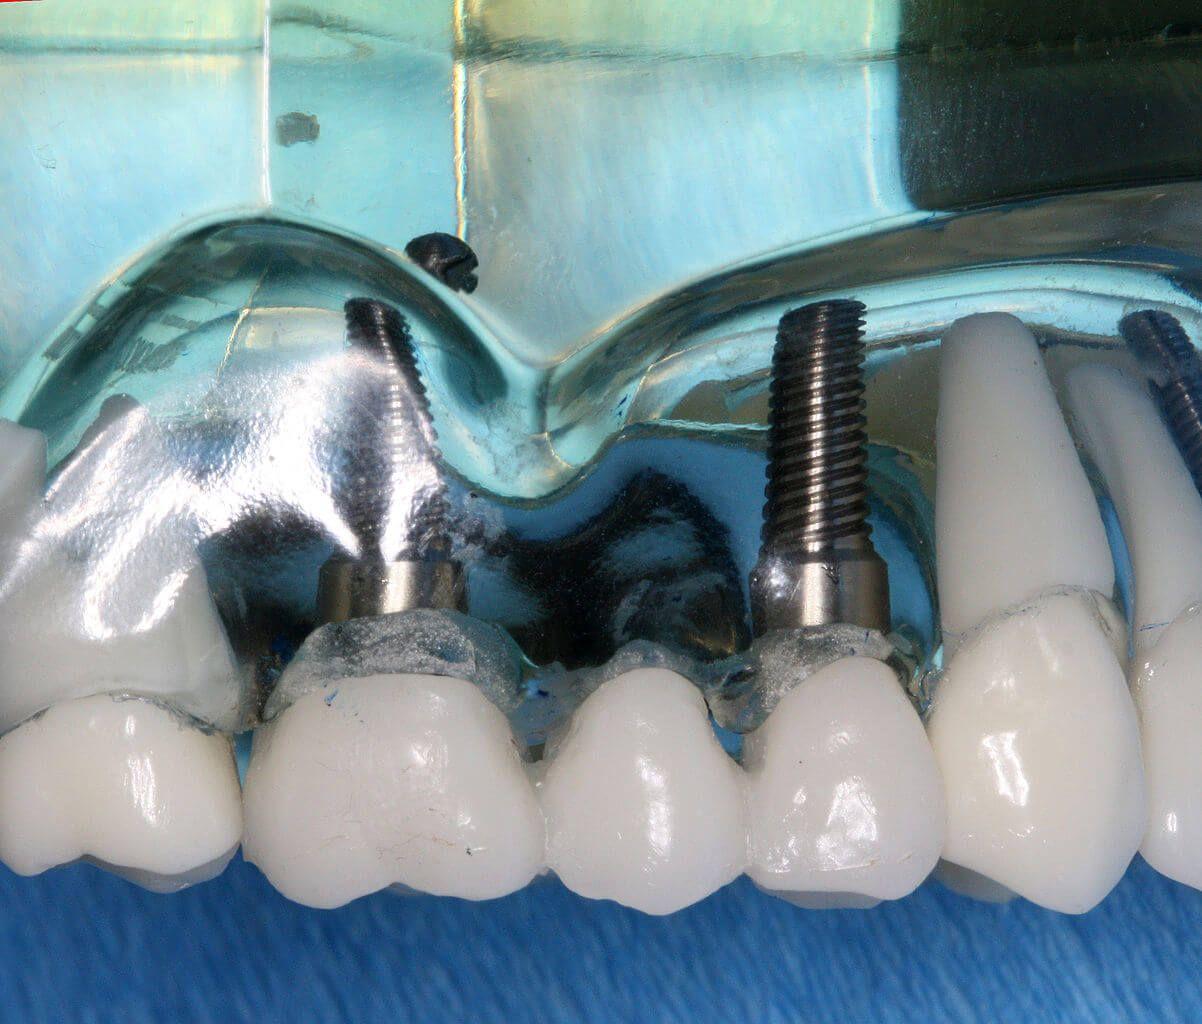 Implant dentaire : quelle est la couleur de l'implant ?